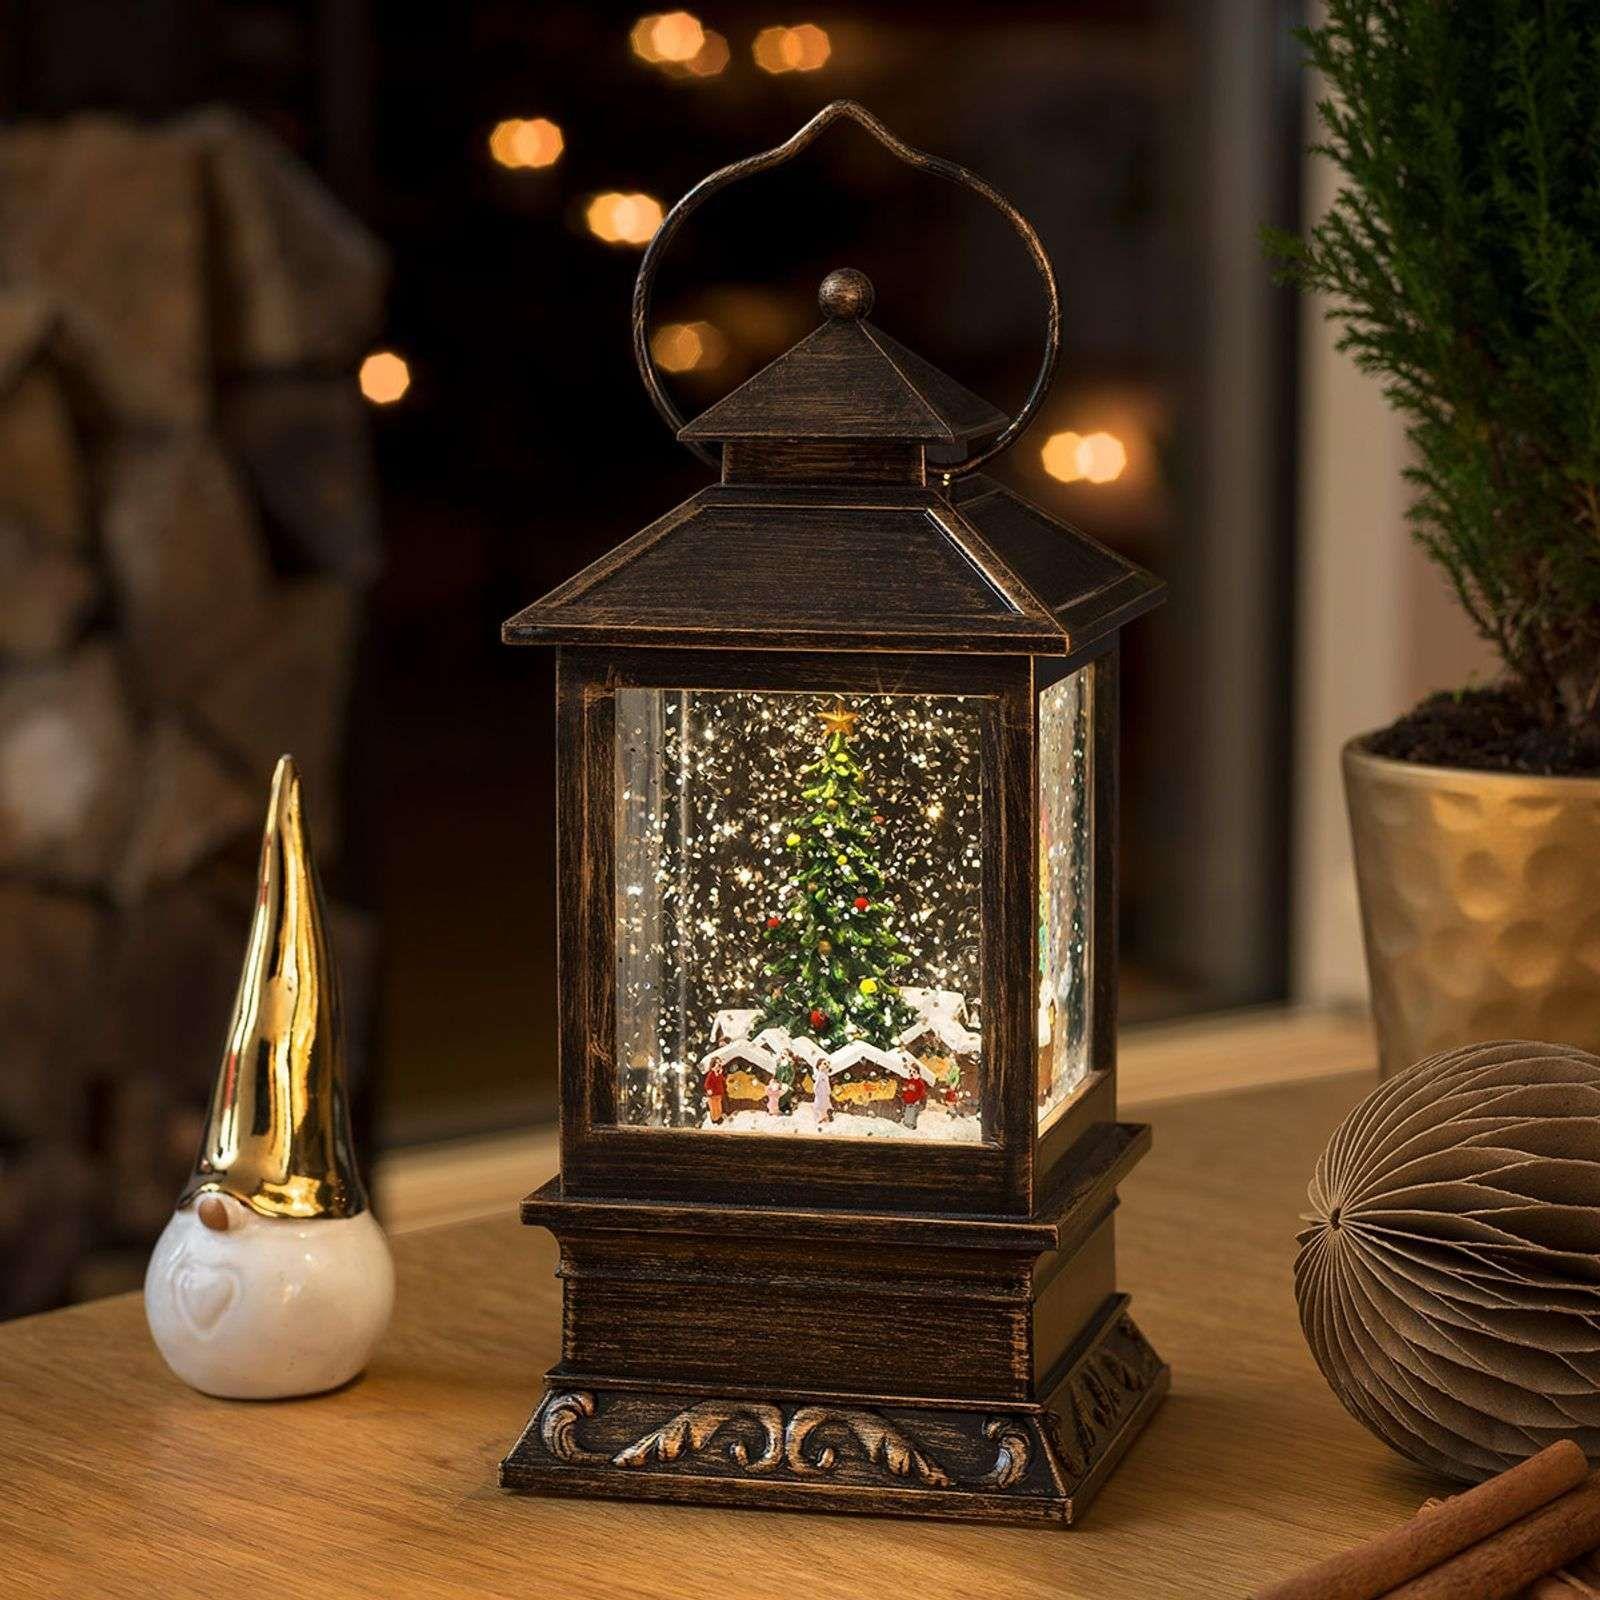 Lanterne à neige marché de Noël LED remplie d'eau de Konstmide CHRISTMAS #marchédenoel Lanterne à neige marché de Noël LED remplie d'eau de Konstmide CHRISTMAS #marchédenoel